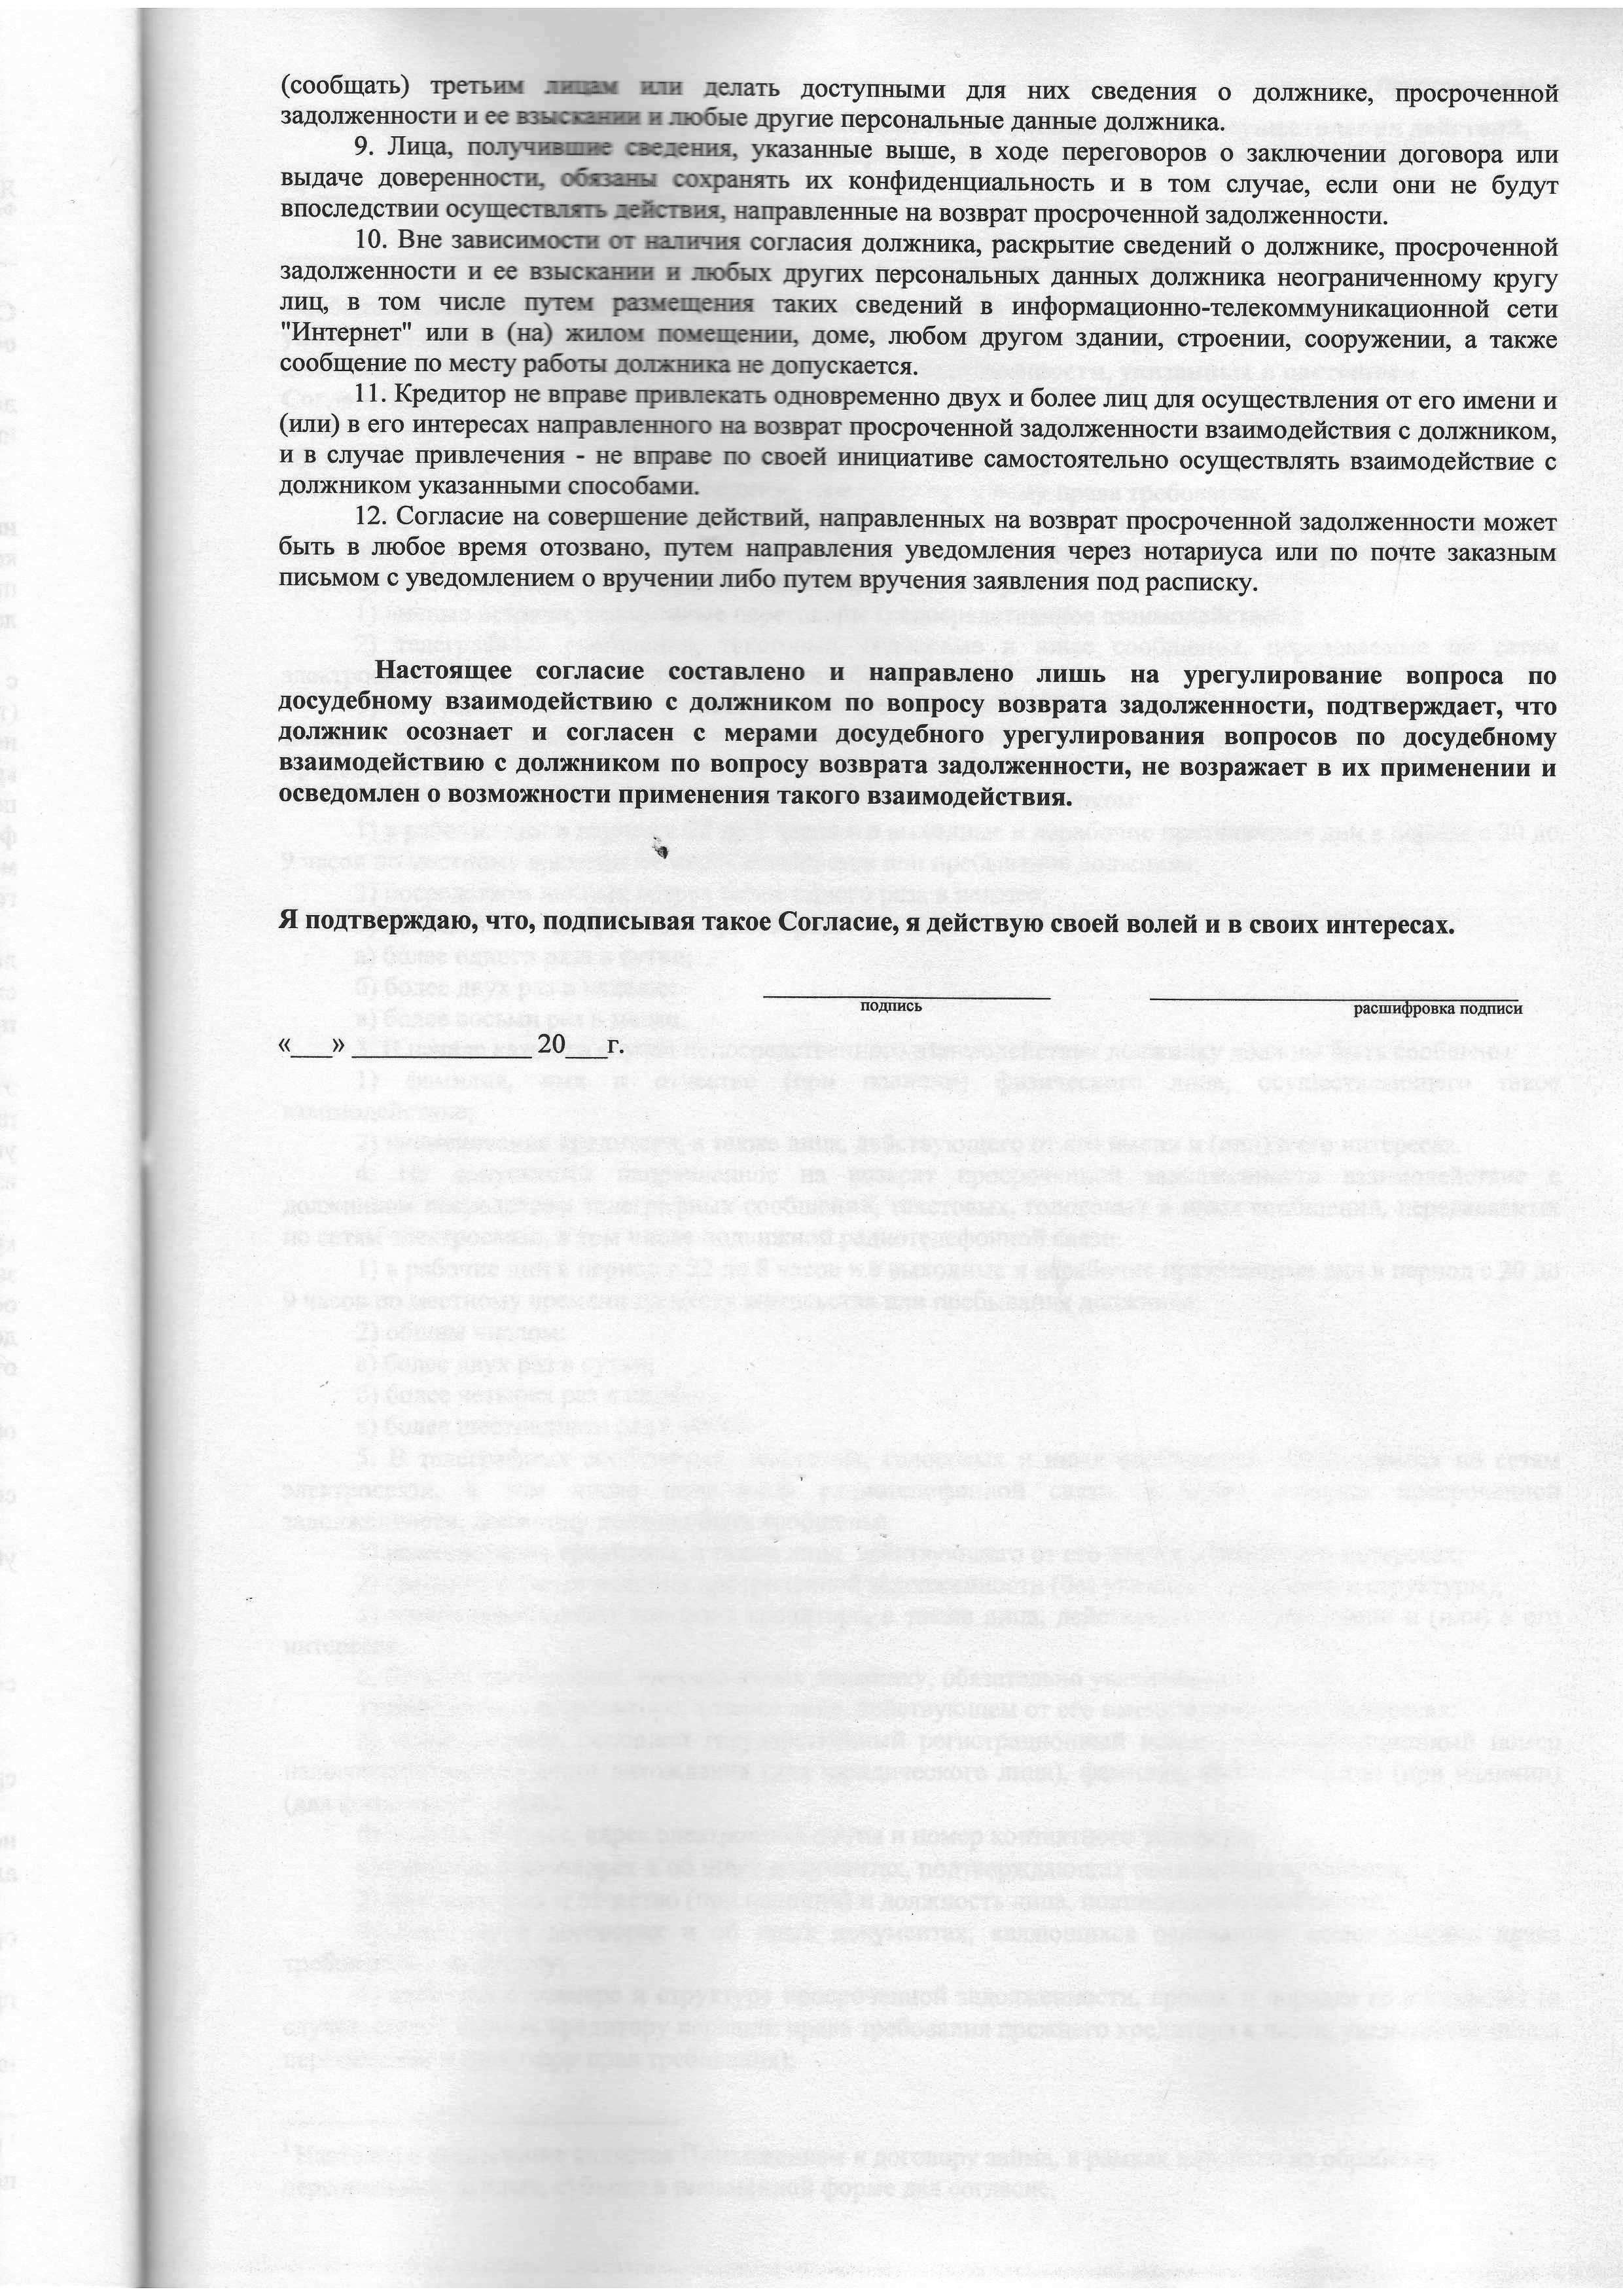 Правила предоставления займов_24_06_2018-15